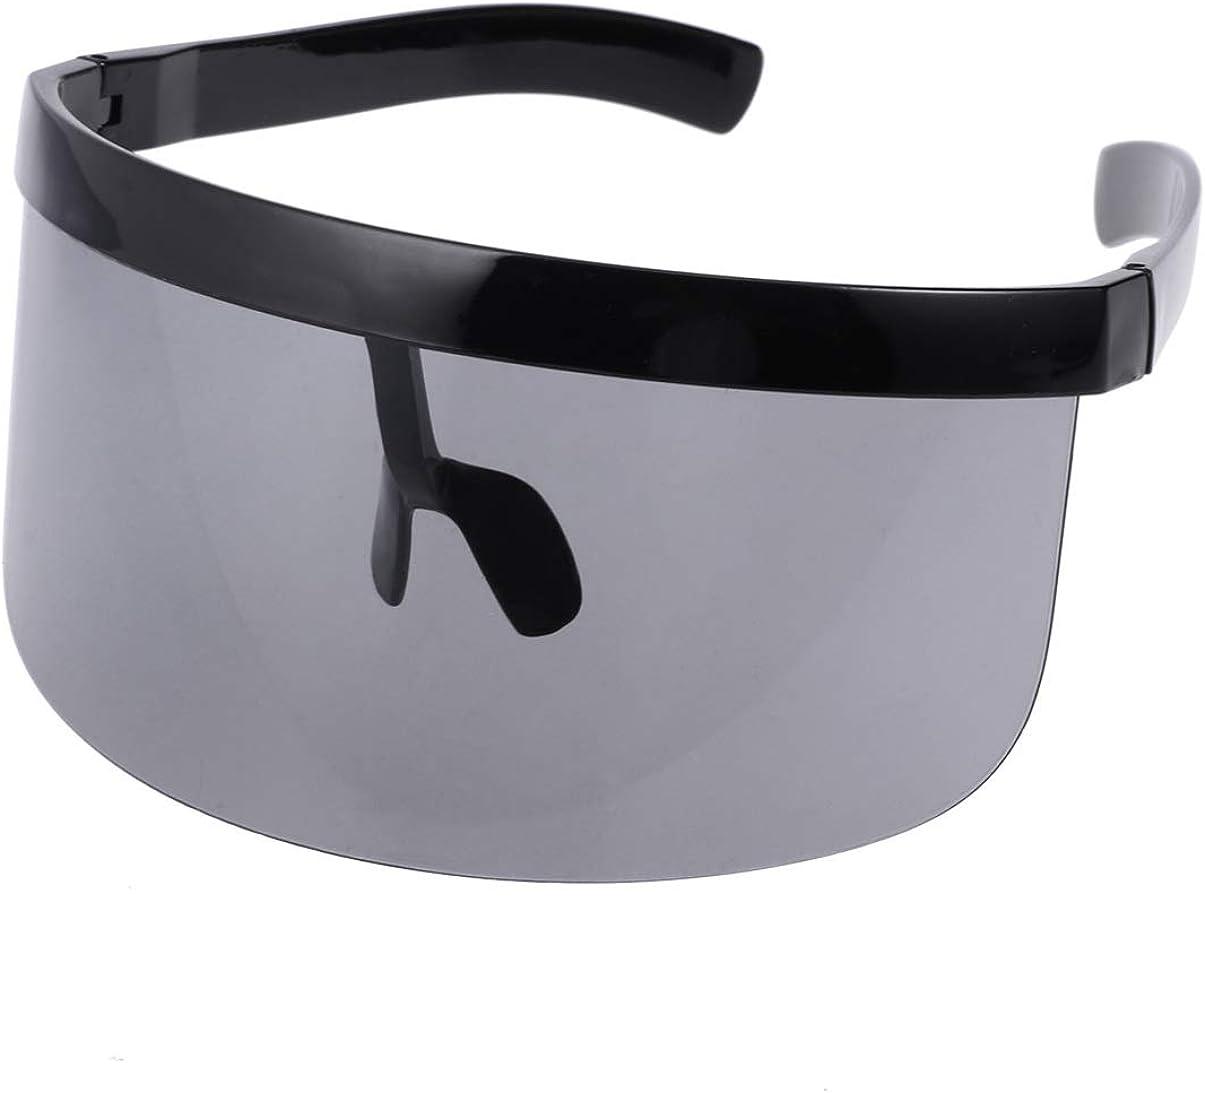 VORCOOL Oversize - Gafas de sol futuristic Shield con visera plana, unisex, protección cortavientos, protección solar para hombres y mujeres deportes al aire libre (negro)